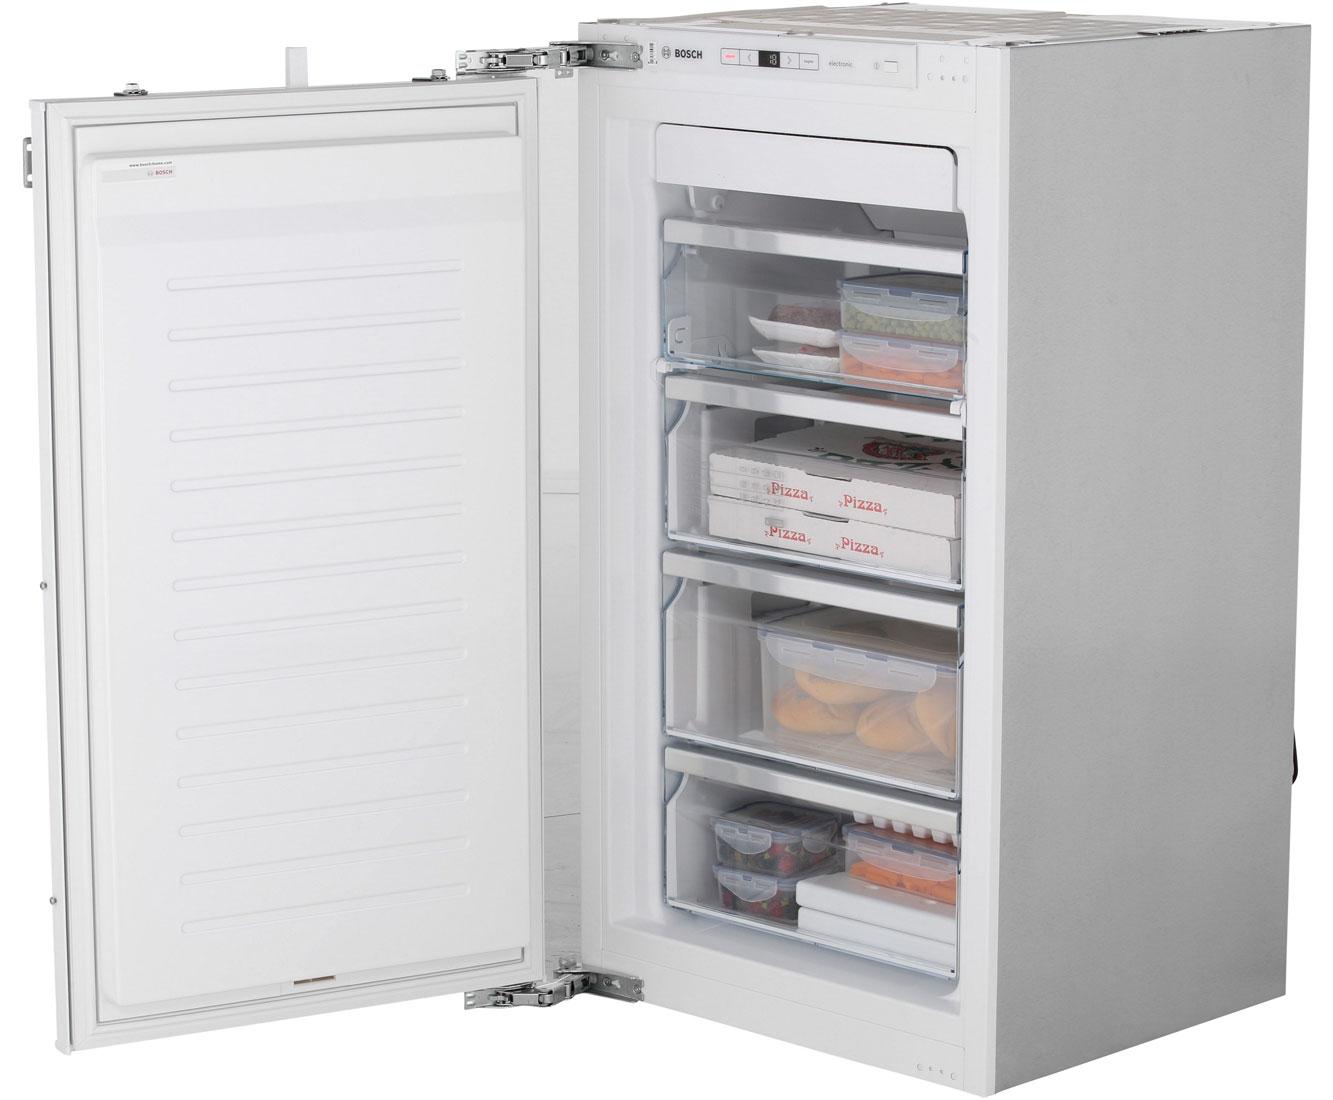 Bosch Kühlschrank Idealo : Bosch kühlschrank idealo bosch unterbau kühlschrank kul a